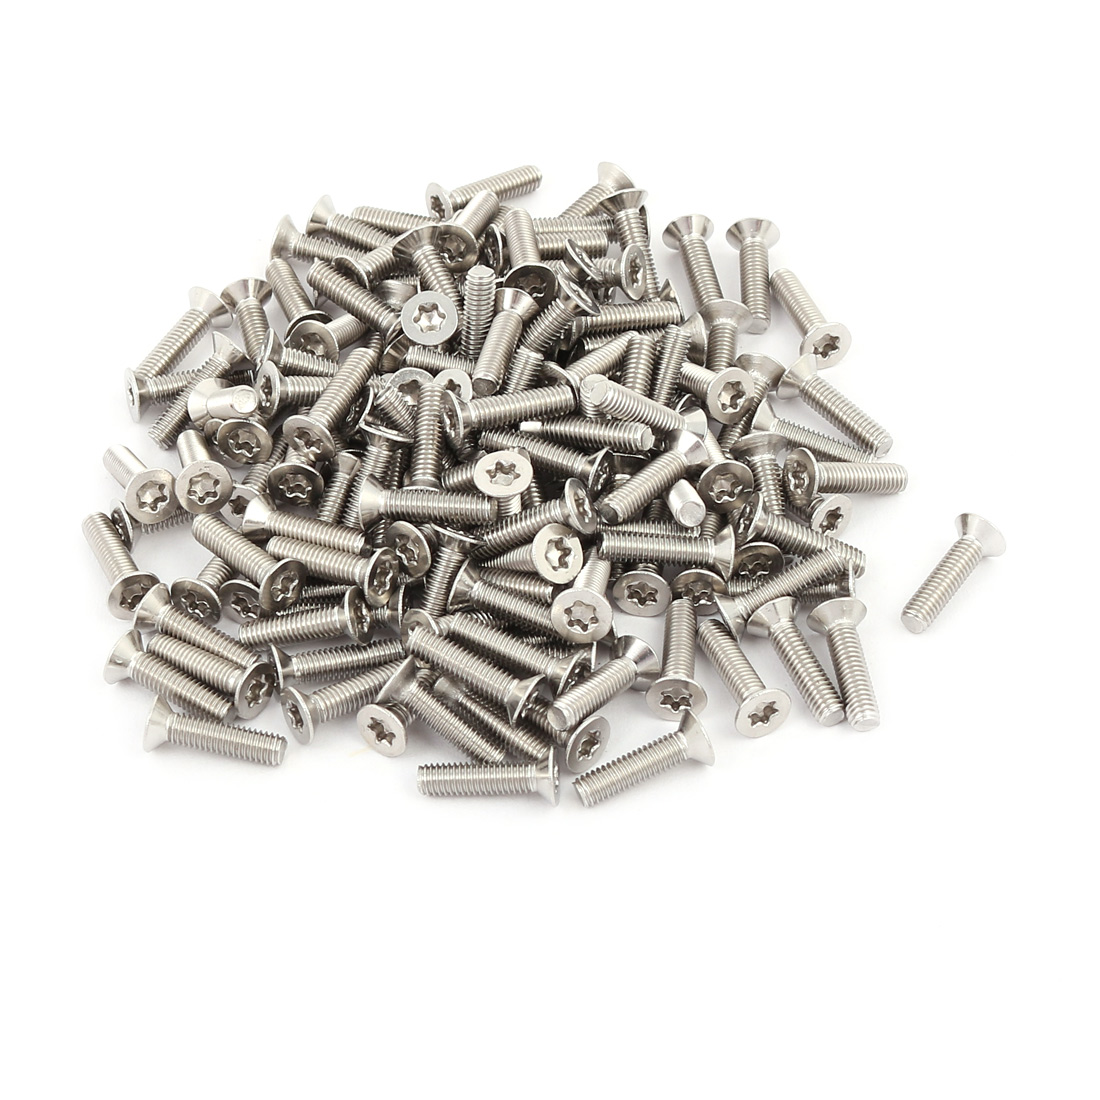 M3x12mm 304 Stainless Steel Fully Thread Flat Head Torx Screws Fasteners 150pcs